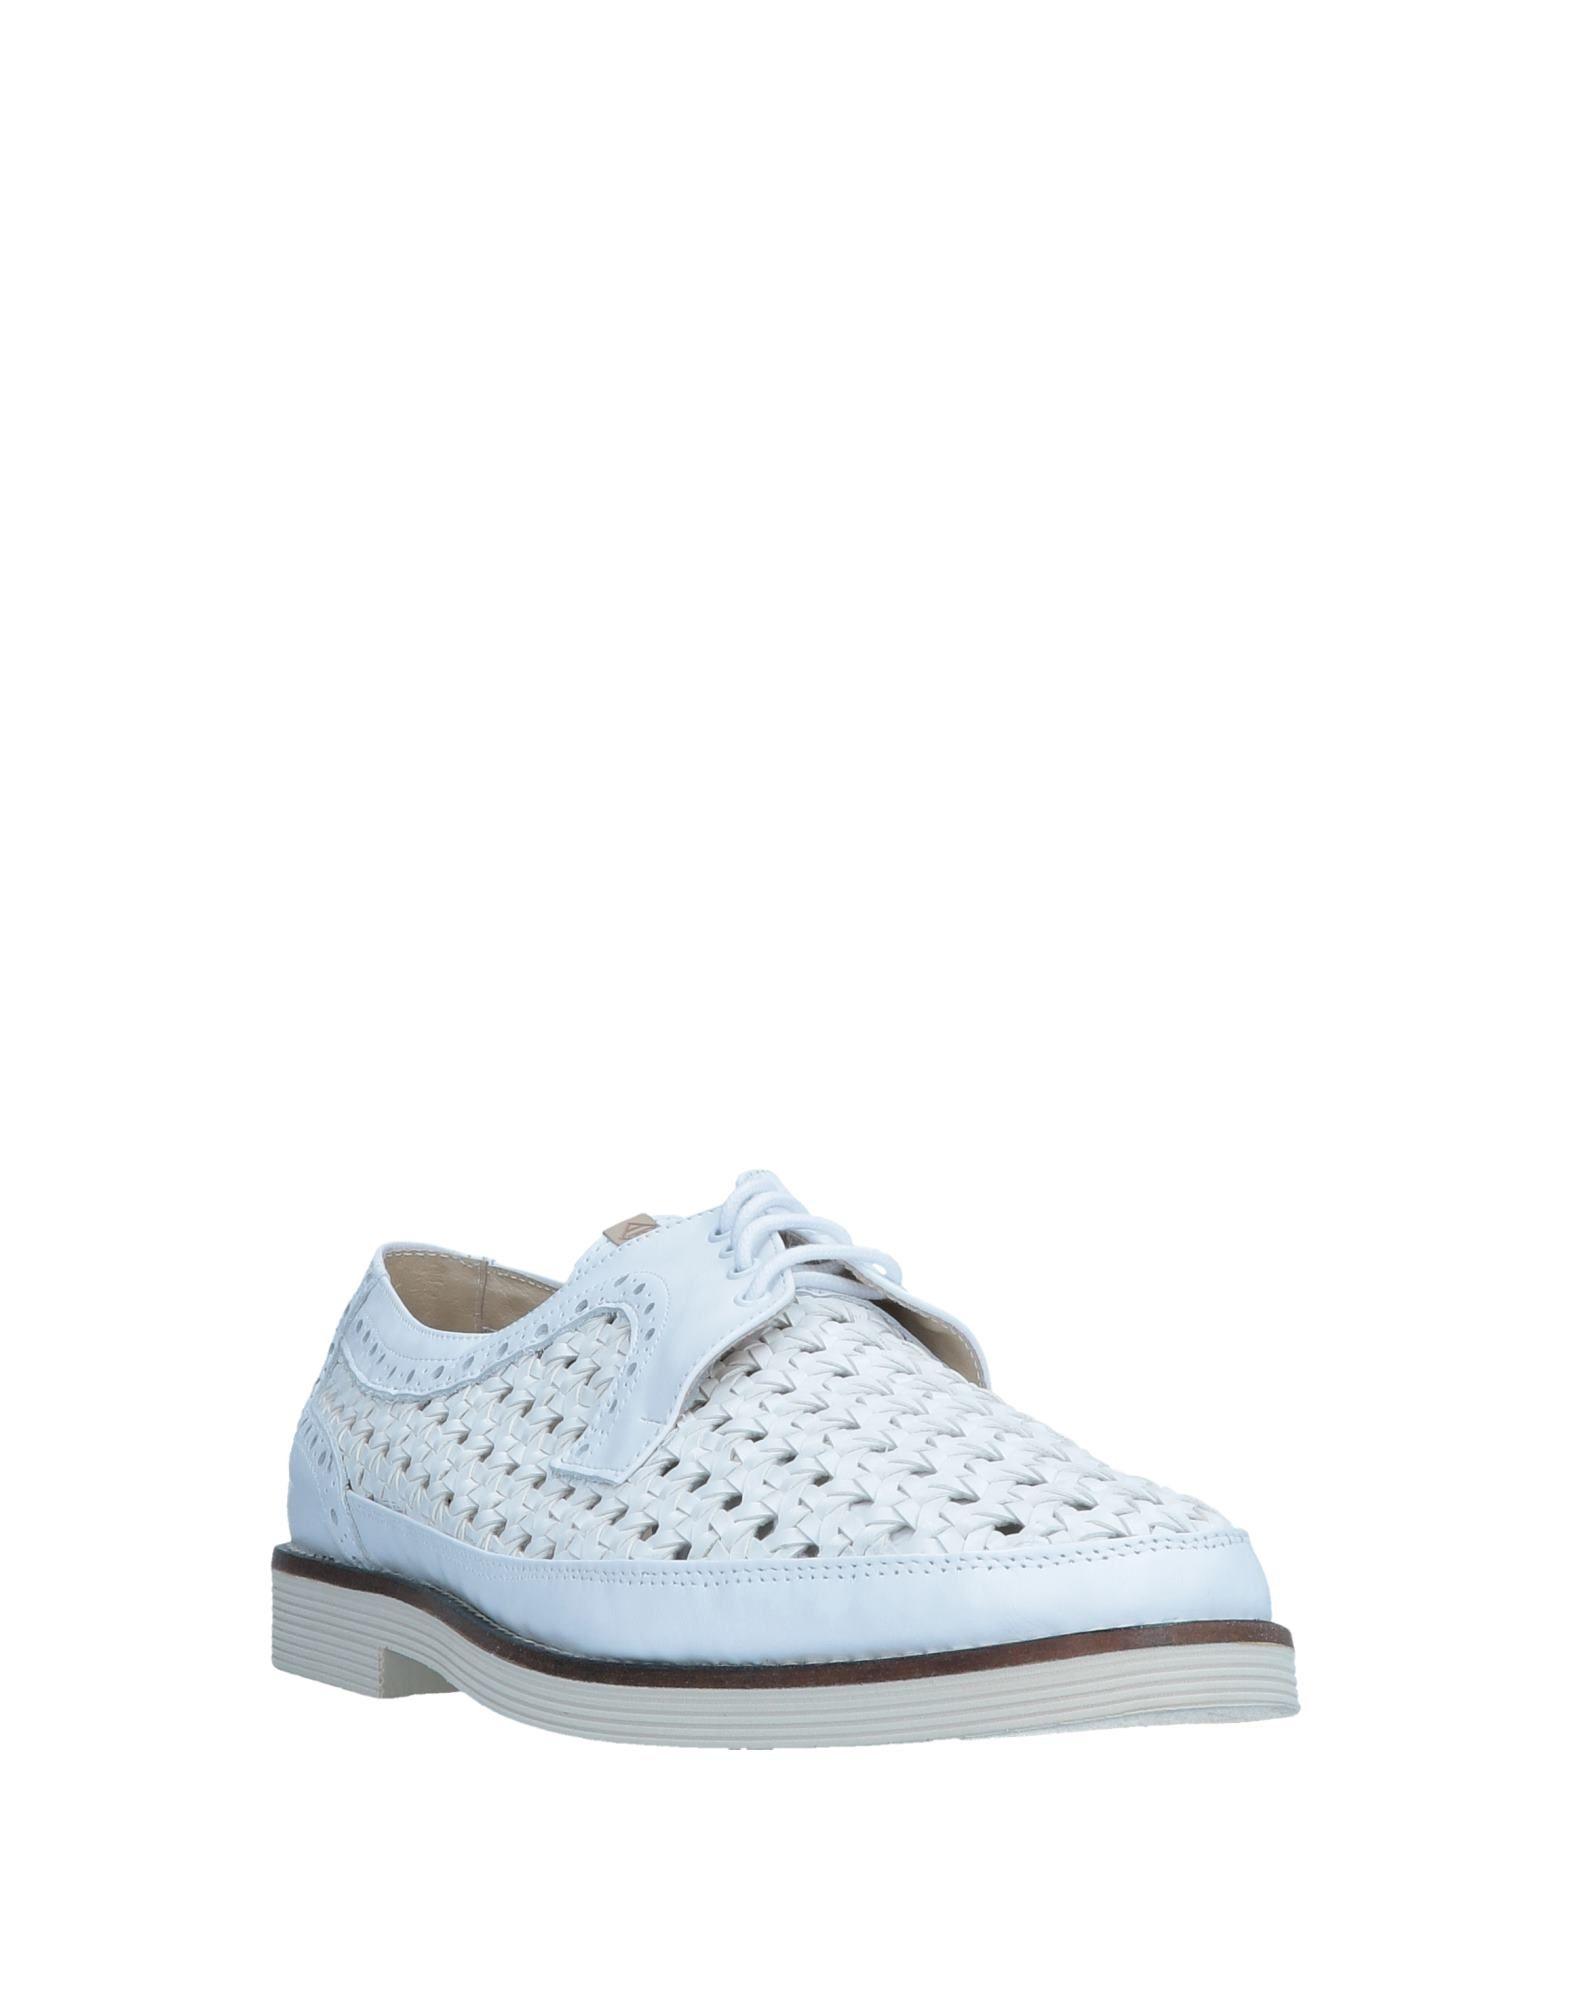 Rabatt echte  Schuhe Maians Schnürschuhe Herren  echte 11551932NV 45e0f8